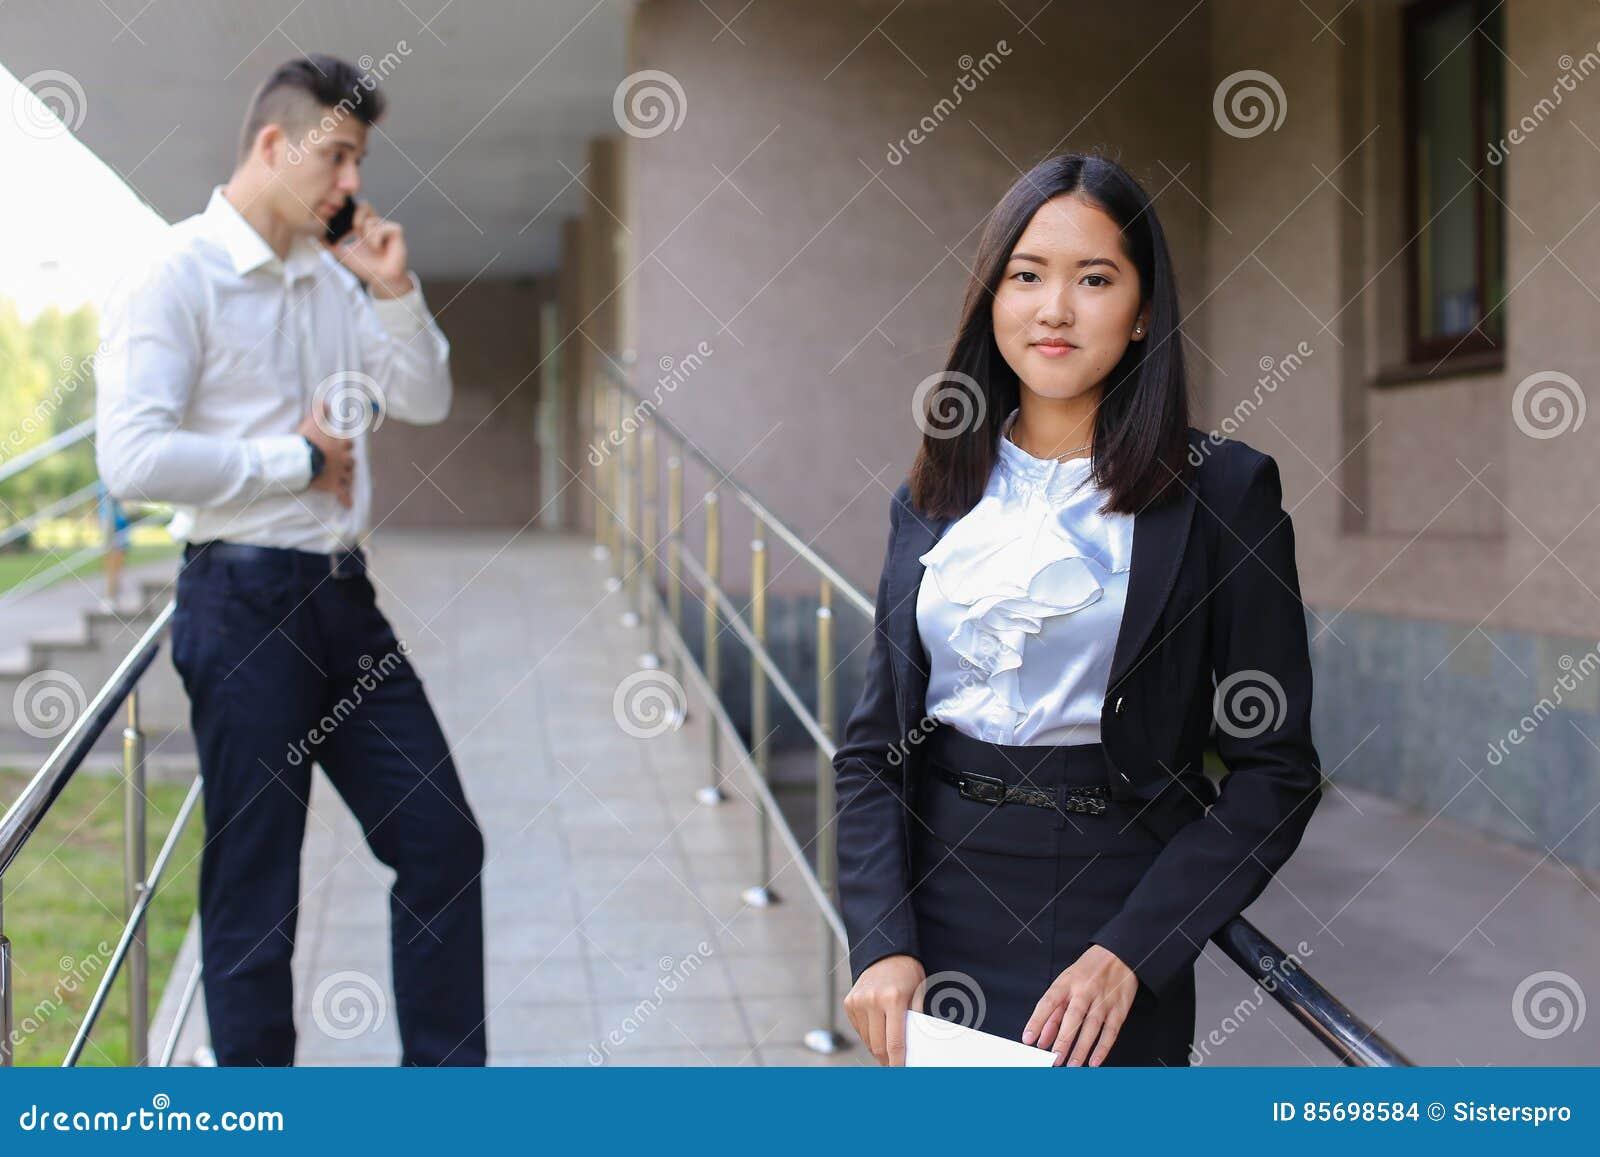 03e3e1130 Mujer De Negocios Asiática Encantadora Joven, Mirada Femenina Del ...